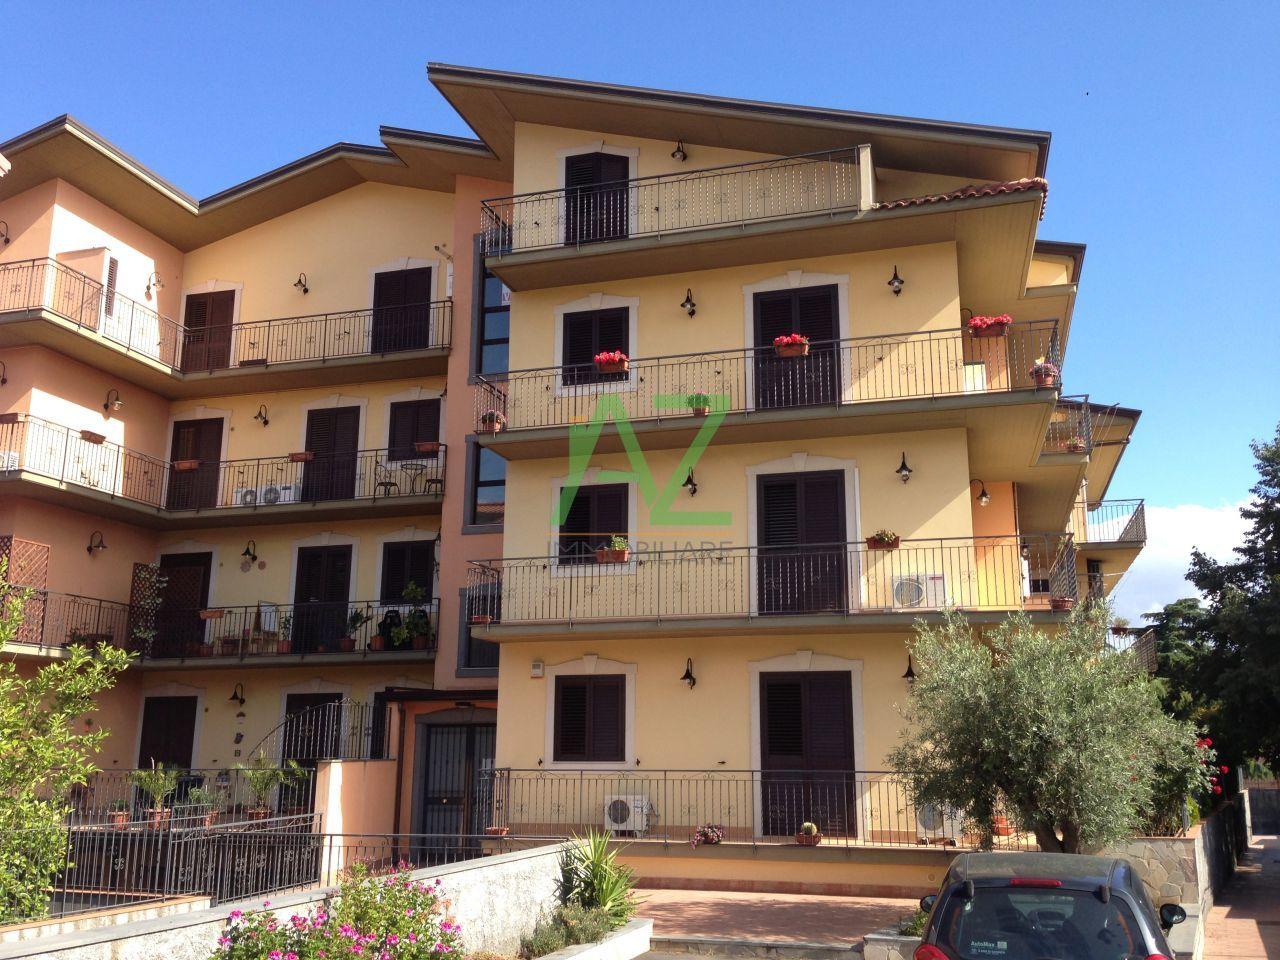 Attico / Mansarda in vendita a Belpasso, 4 locali, prezzo € 155.000 | Cambio Casa.it